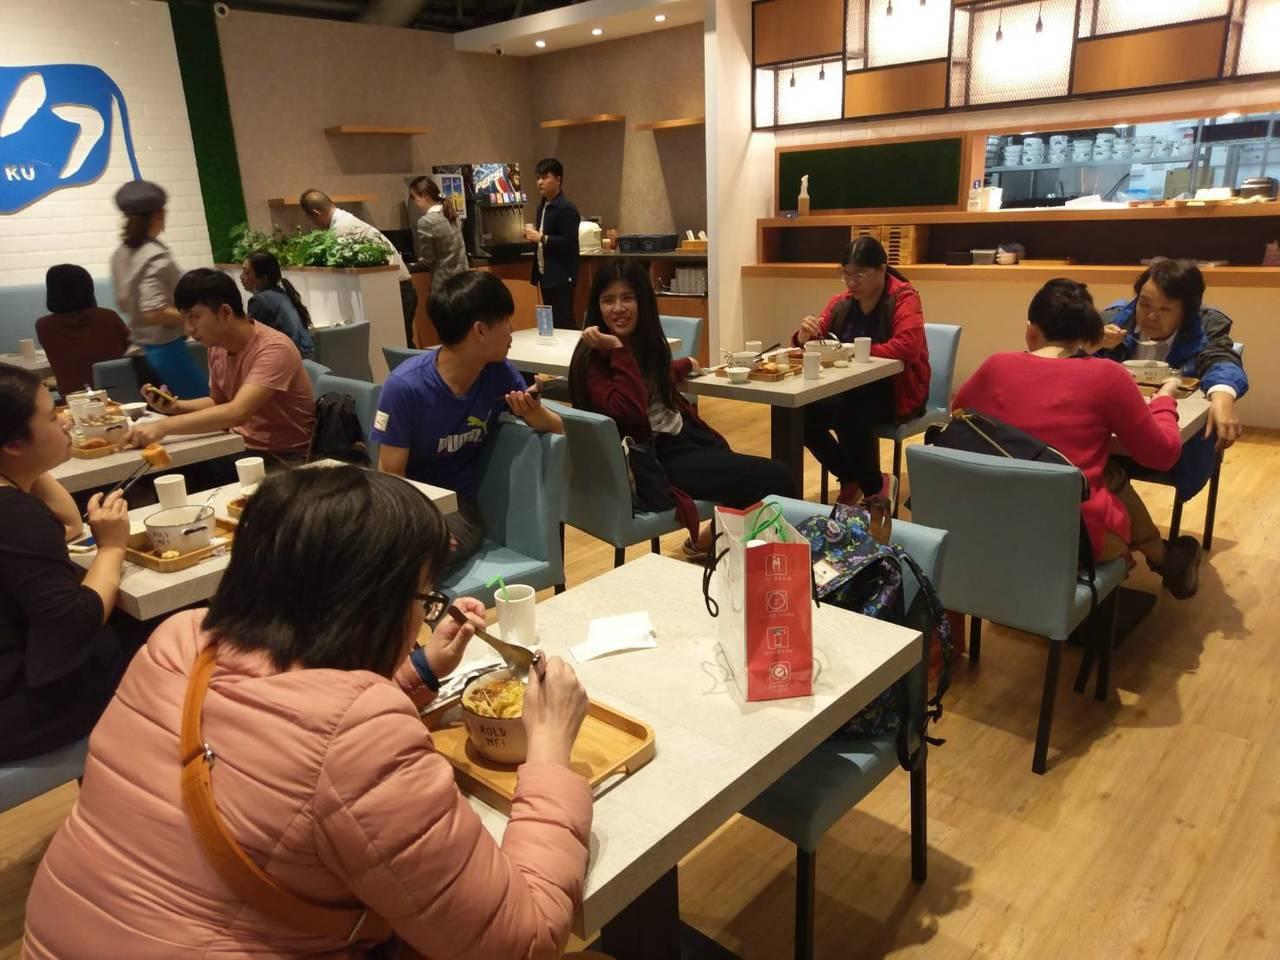 南部人愛吃小火鍋,業者為迎合饕客口味,還引進日本著名生乳做湯底。記者謝梅芬/攝影